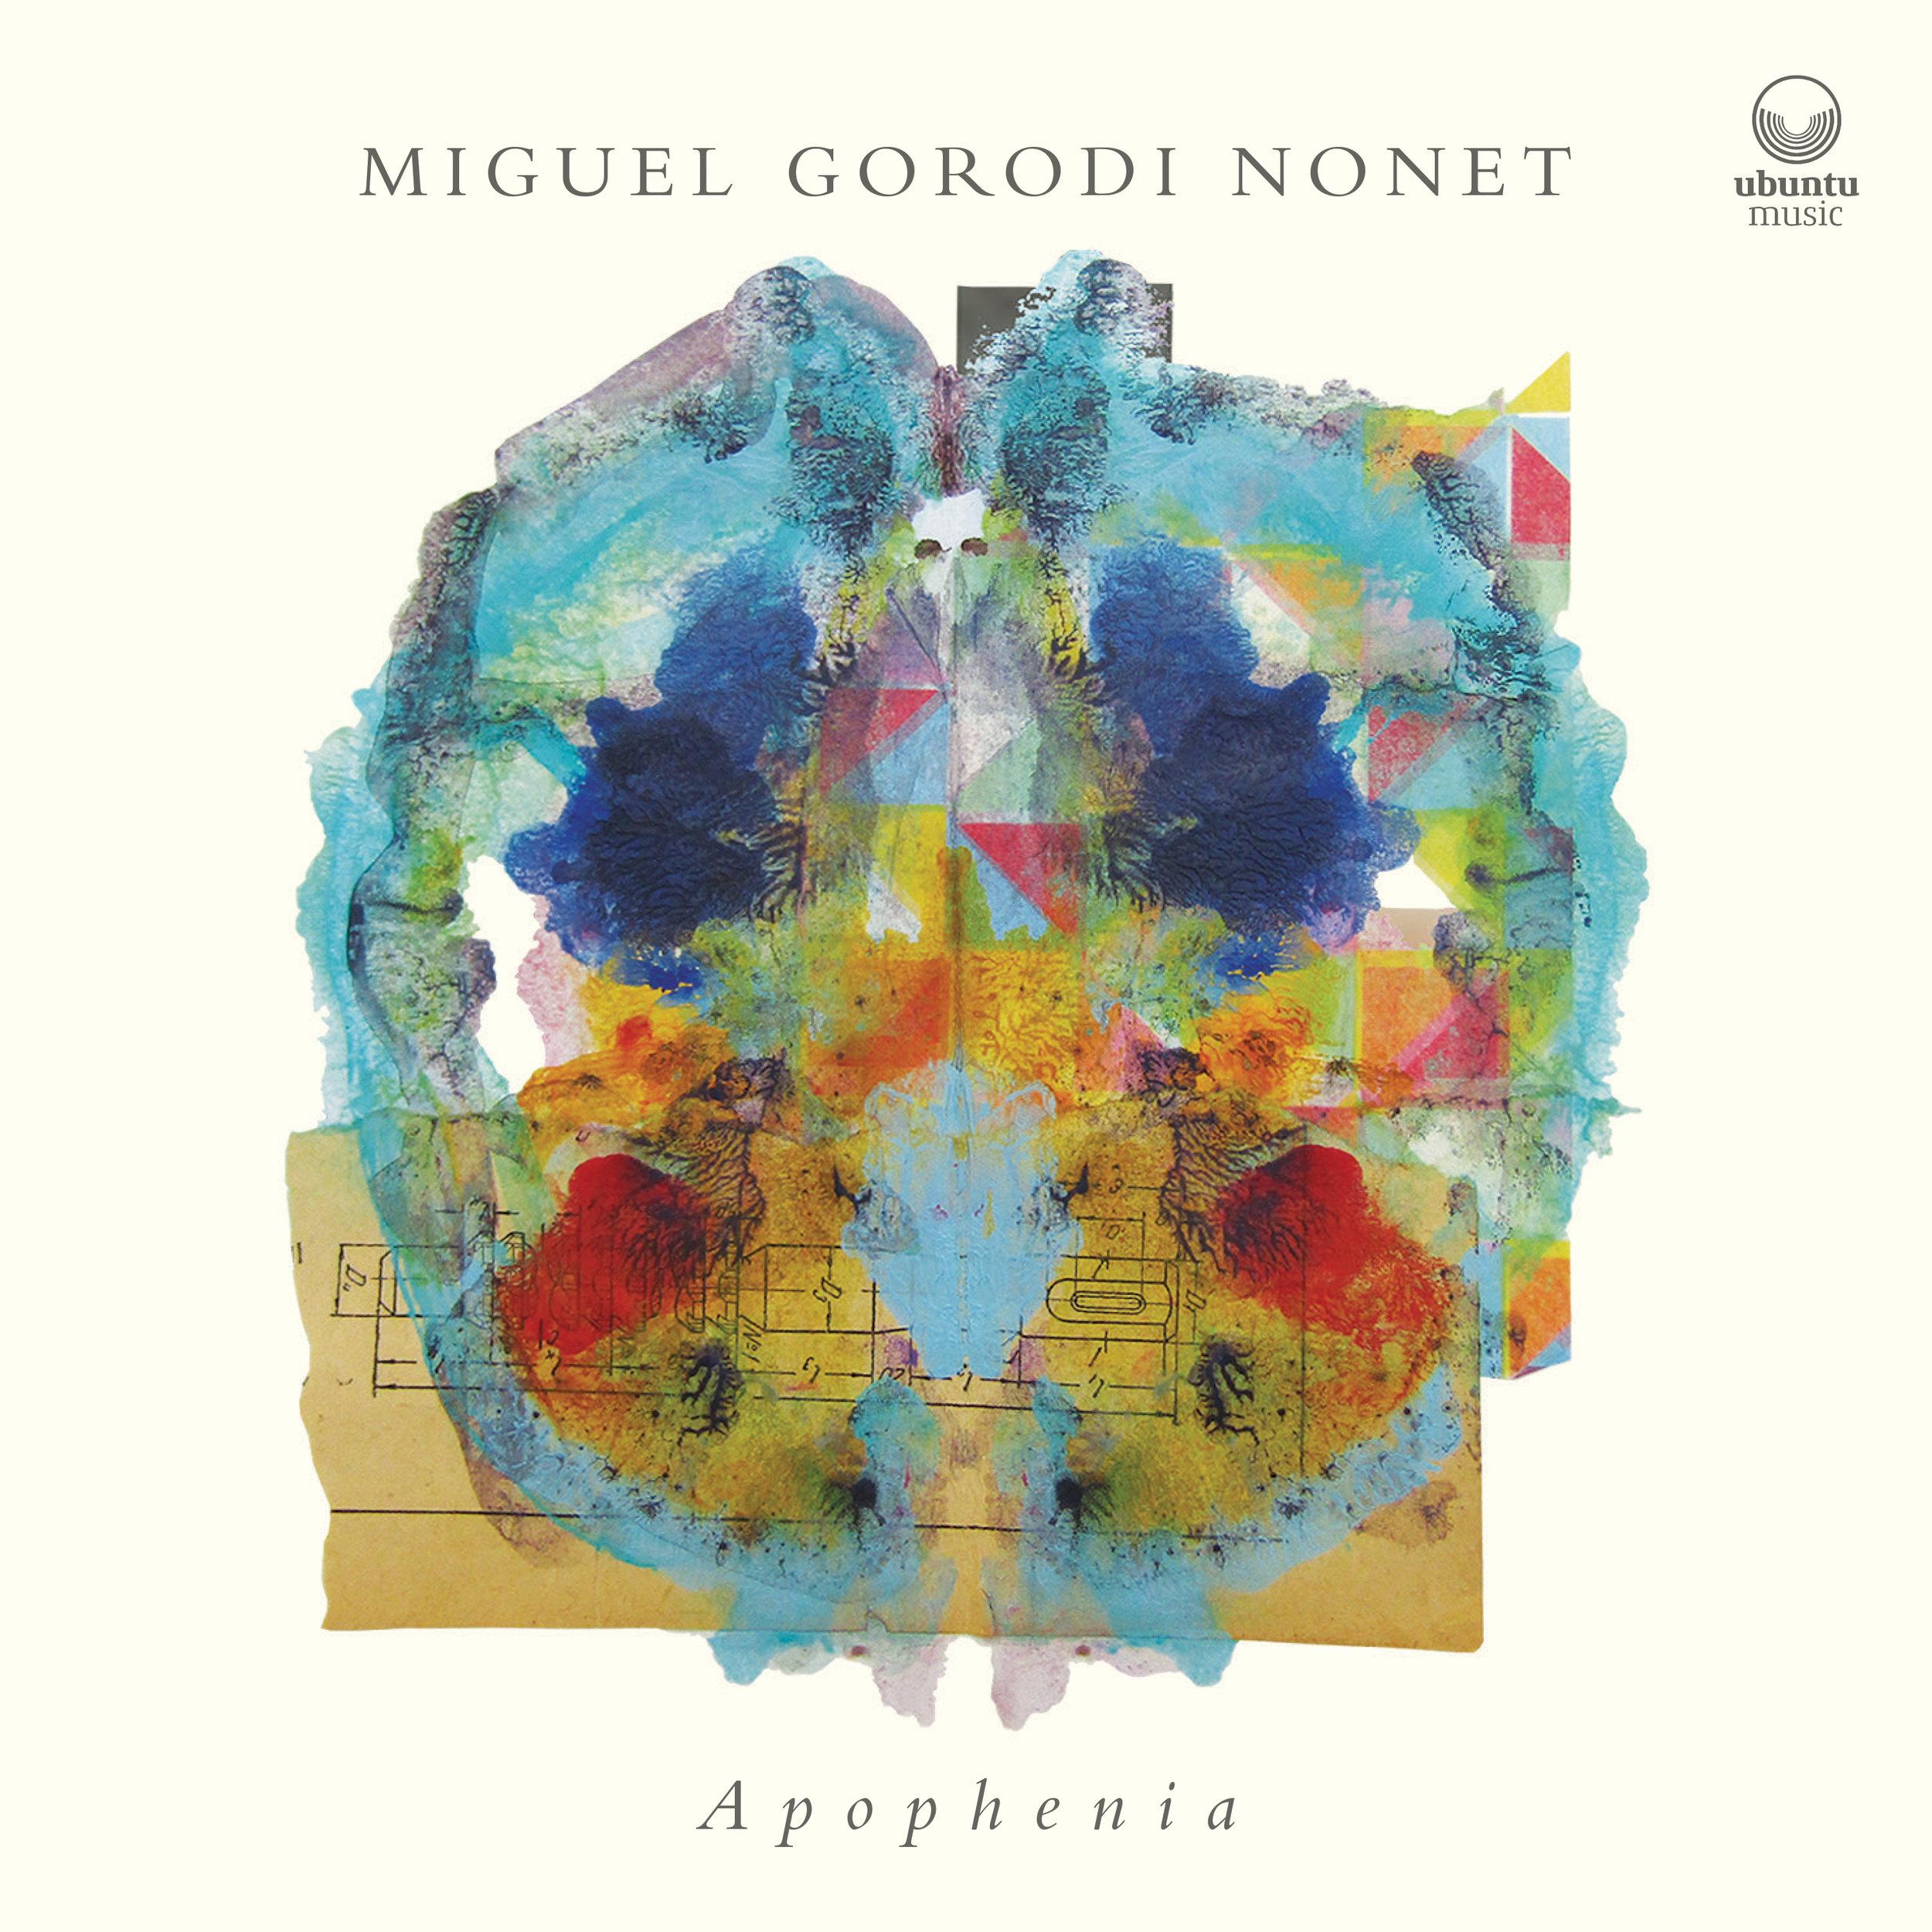 UBU0021_ Miguel Gorodi_Apophenia_3000x3000_cov.jpg